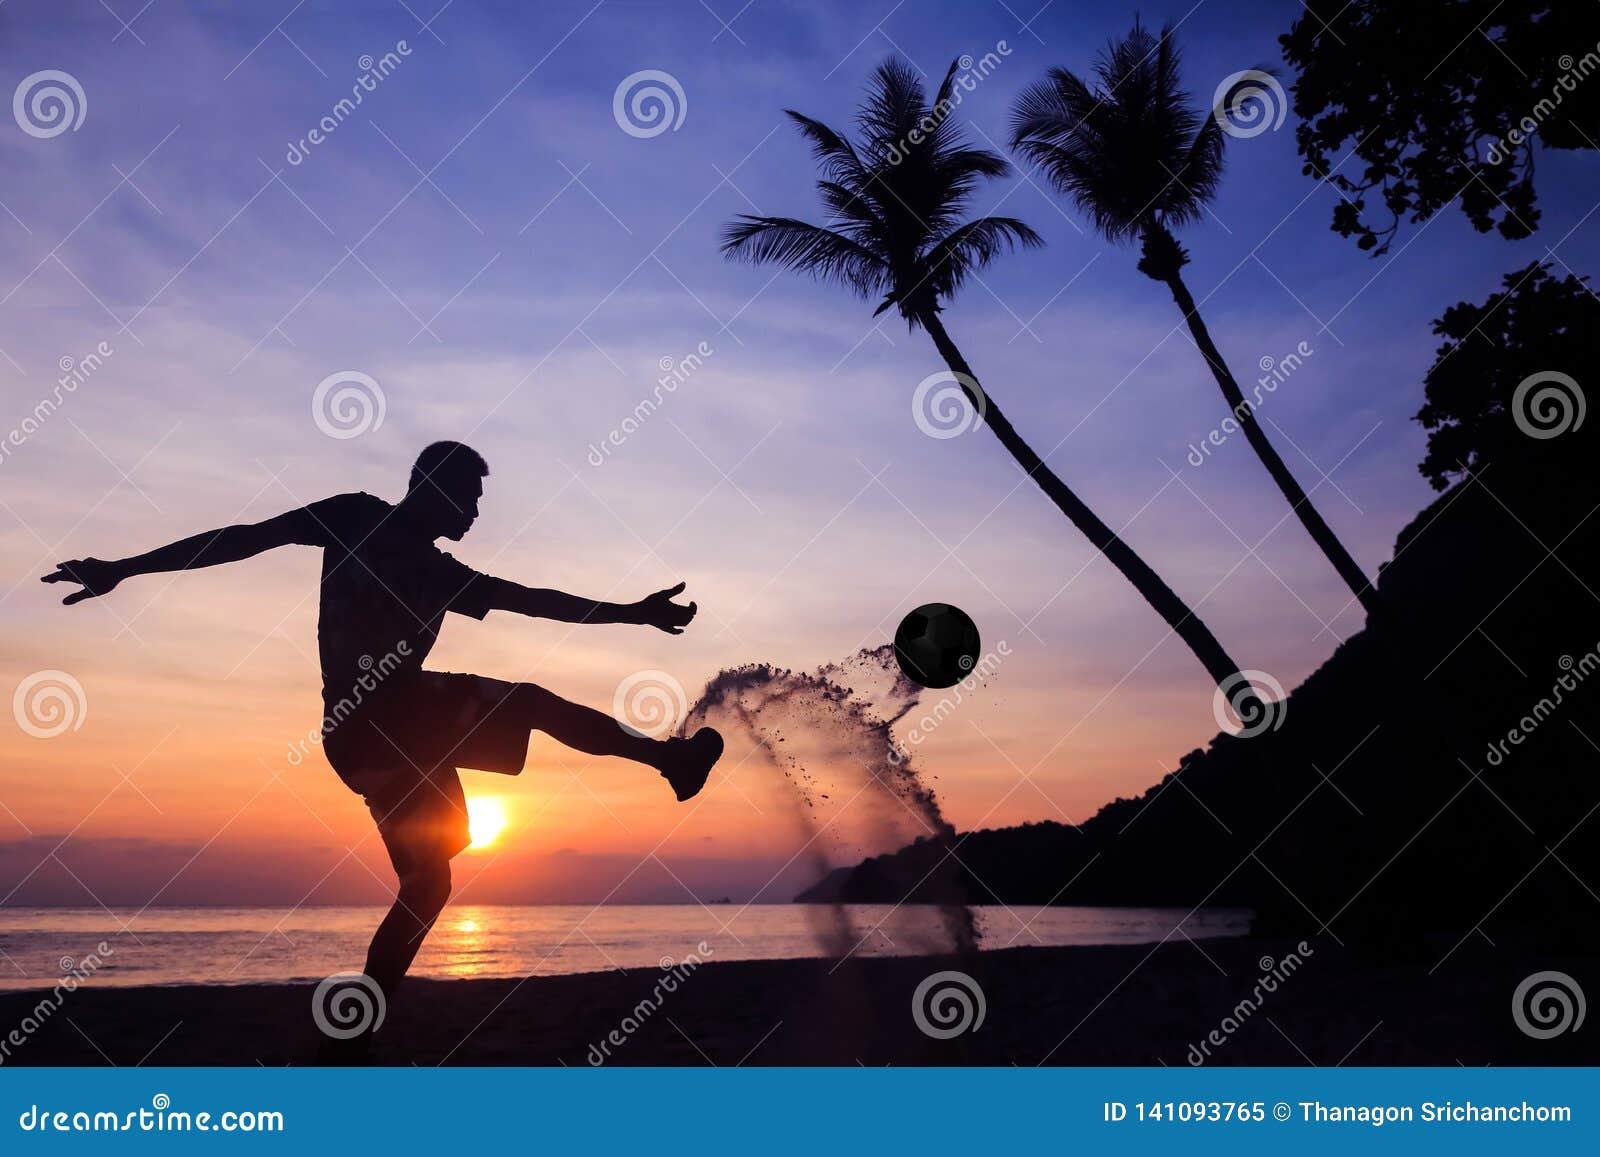 剪影齐射在海滩的反撞力橄榄球,在日出的亚洲人戏剧足球